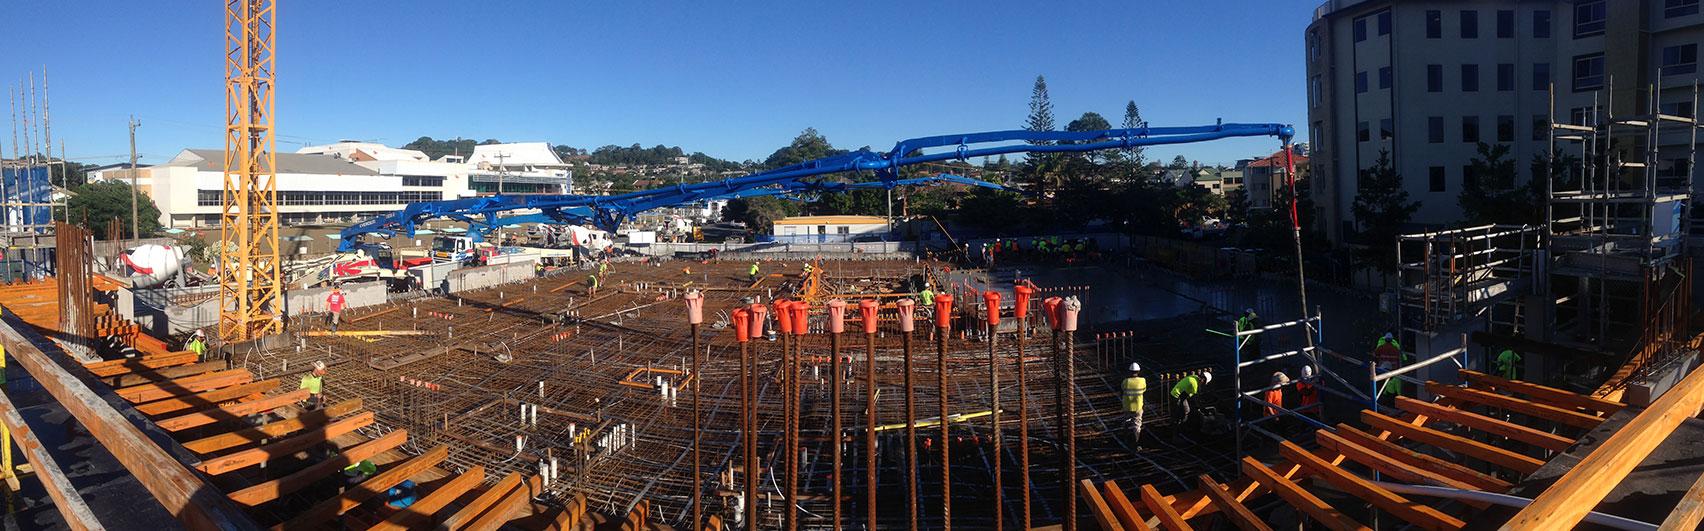 Concrete Pump Truck | Concrete Services | Gold Coast | Classic Concrete Pumping | New Slide 6